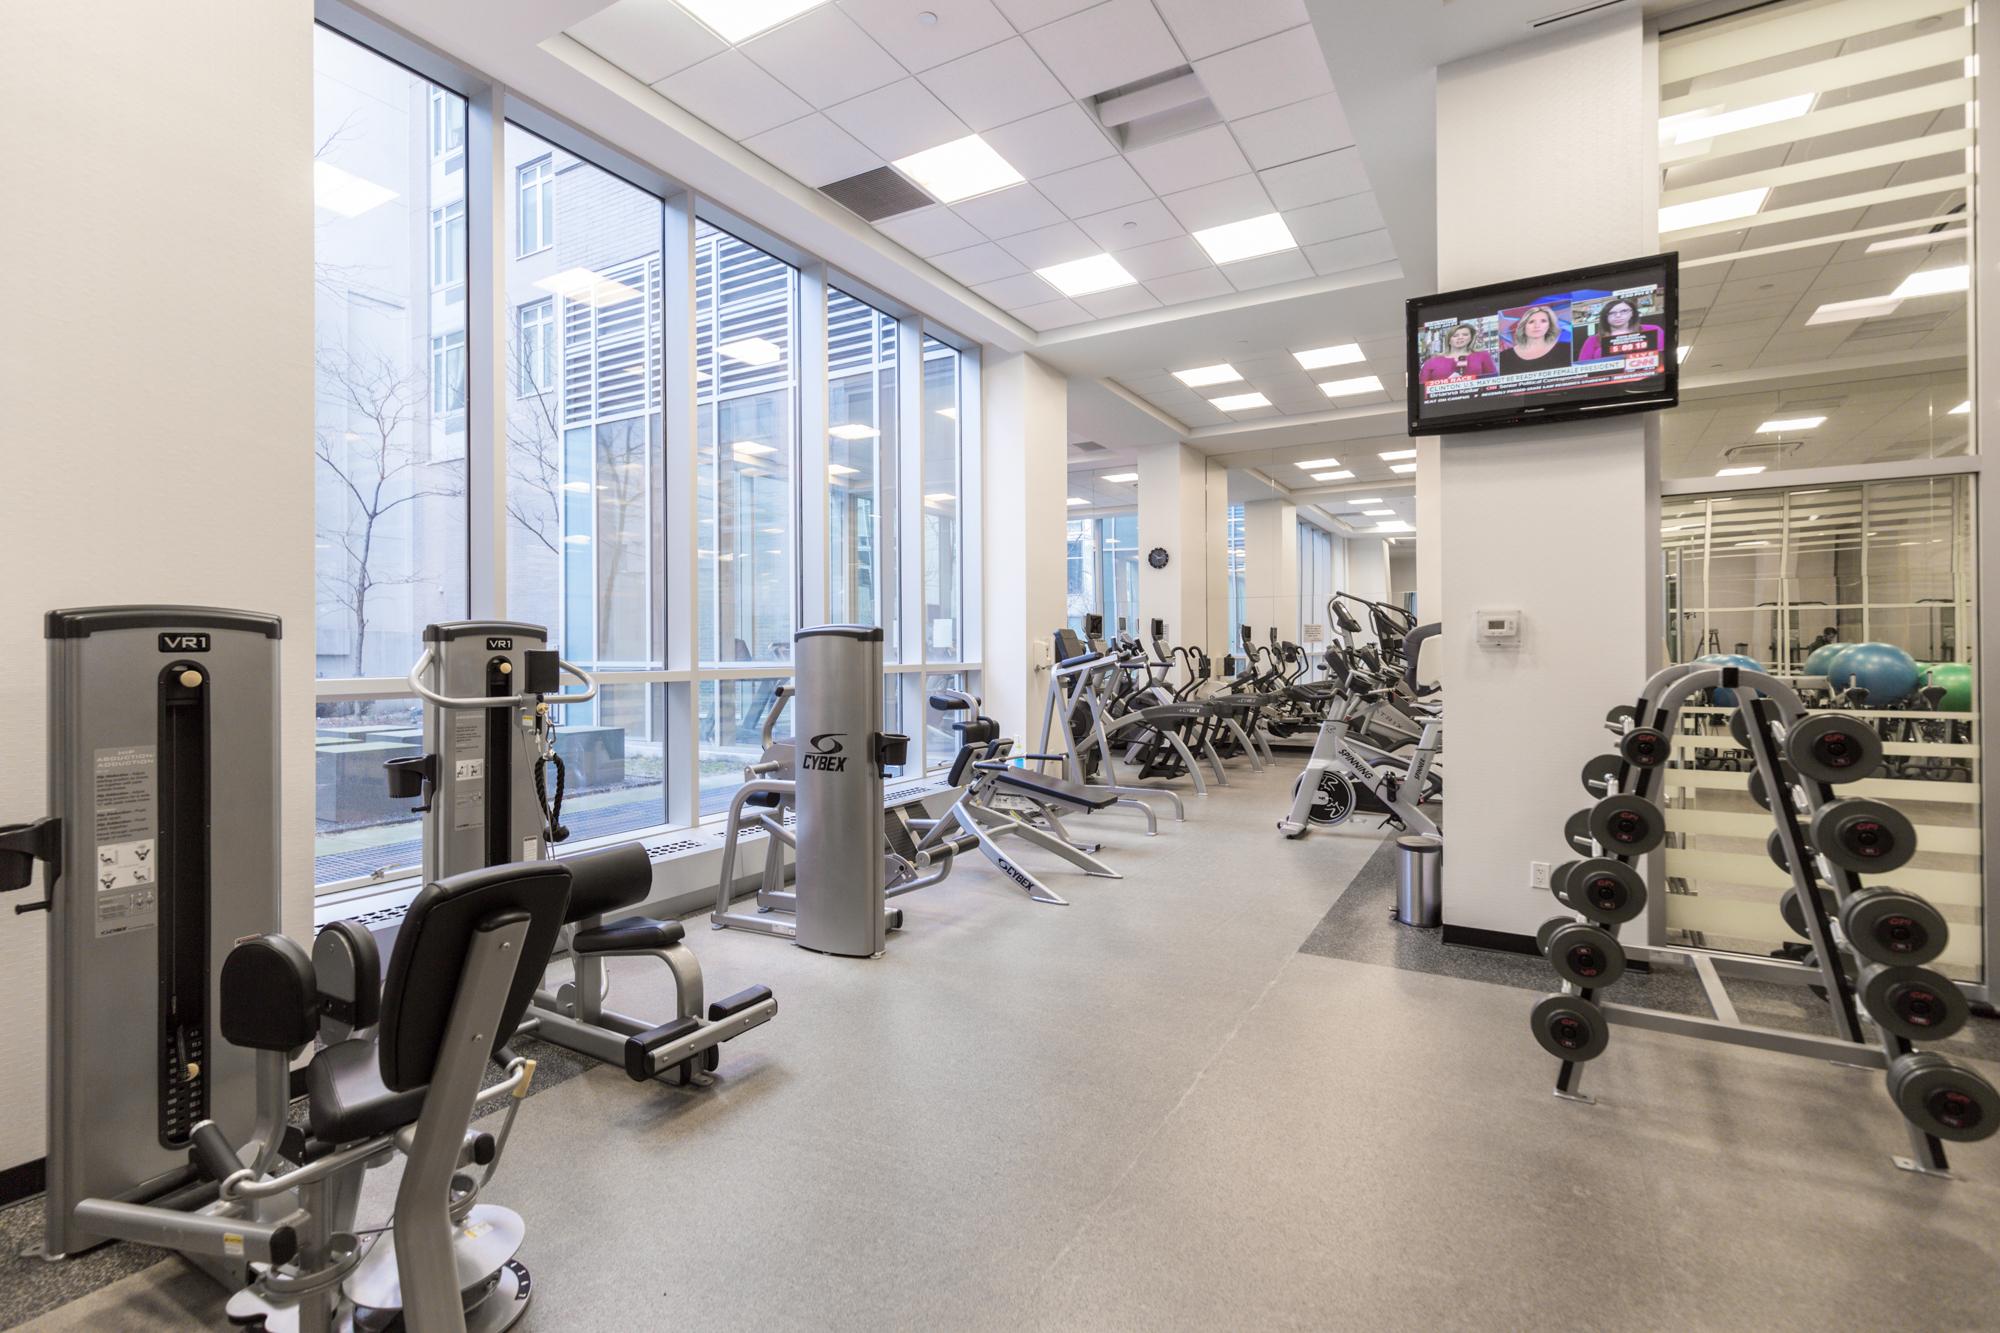 229 W 60th St - Gym.jpg